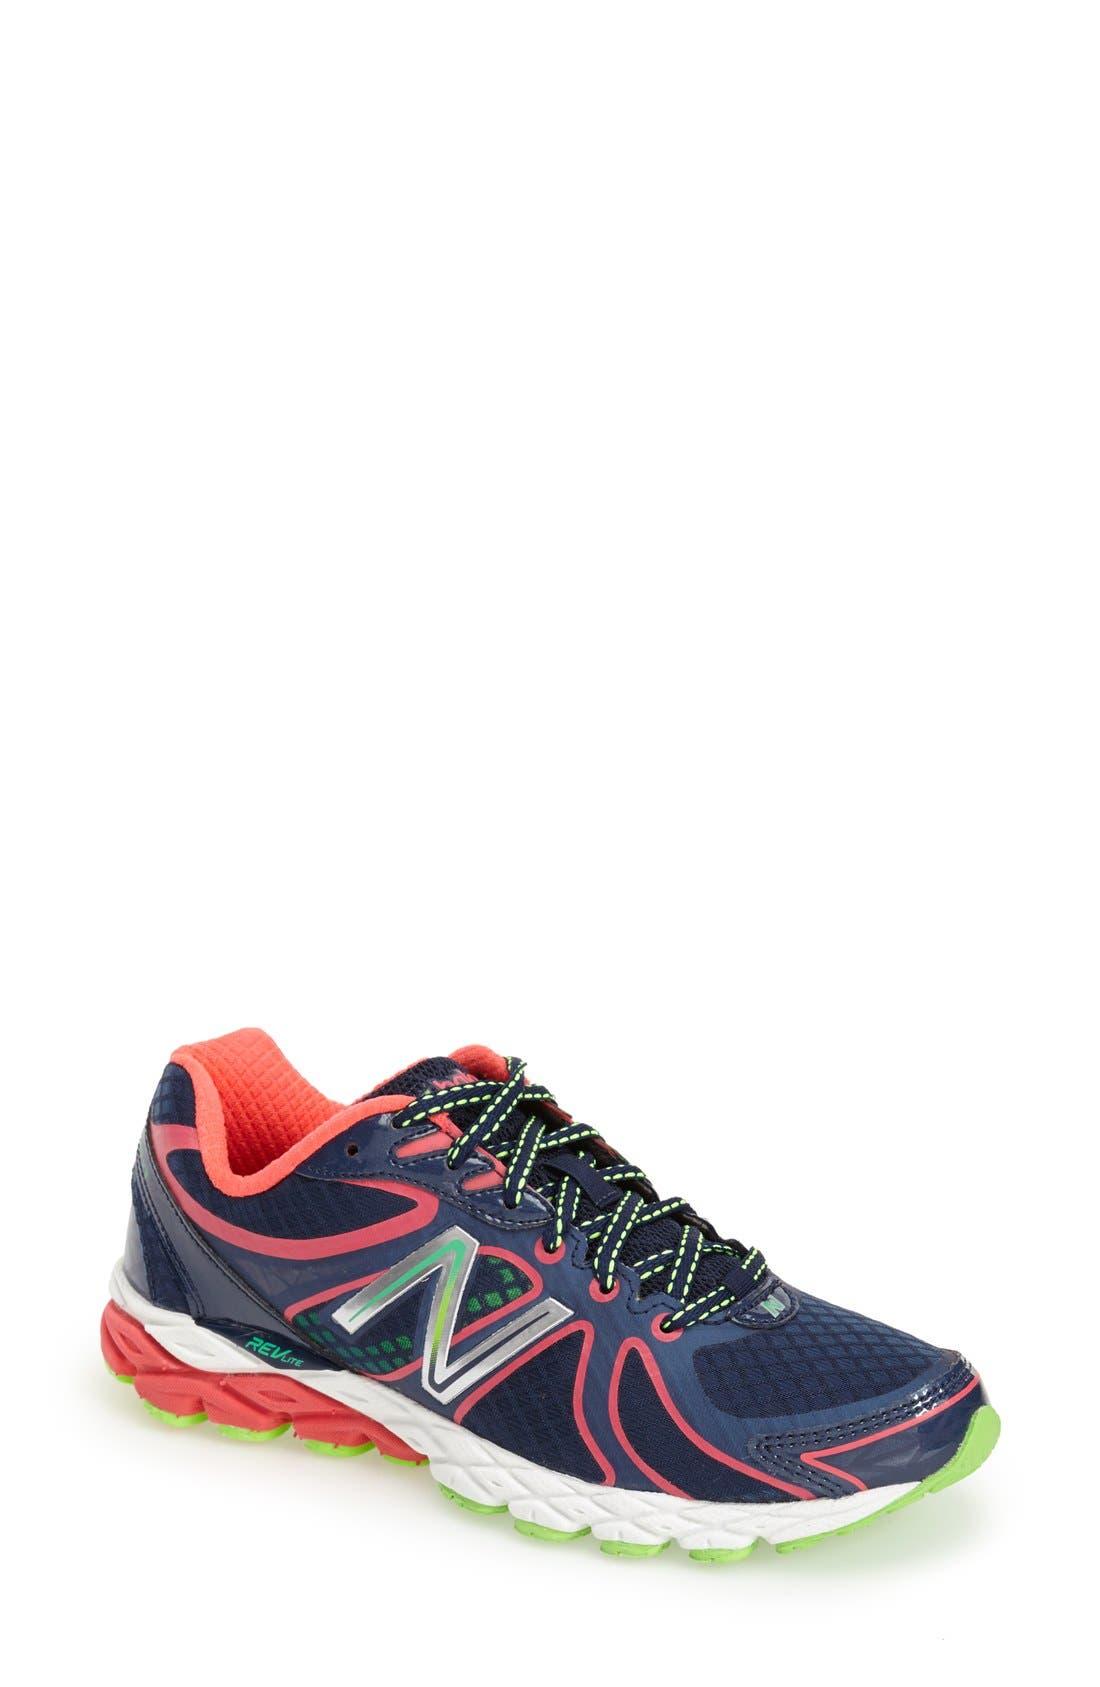 Main Image - New Balance '870' Running Shoe (Women)